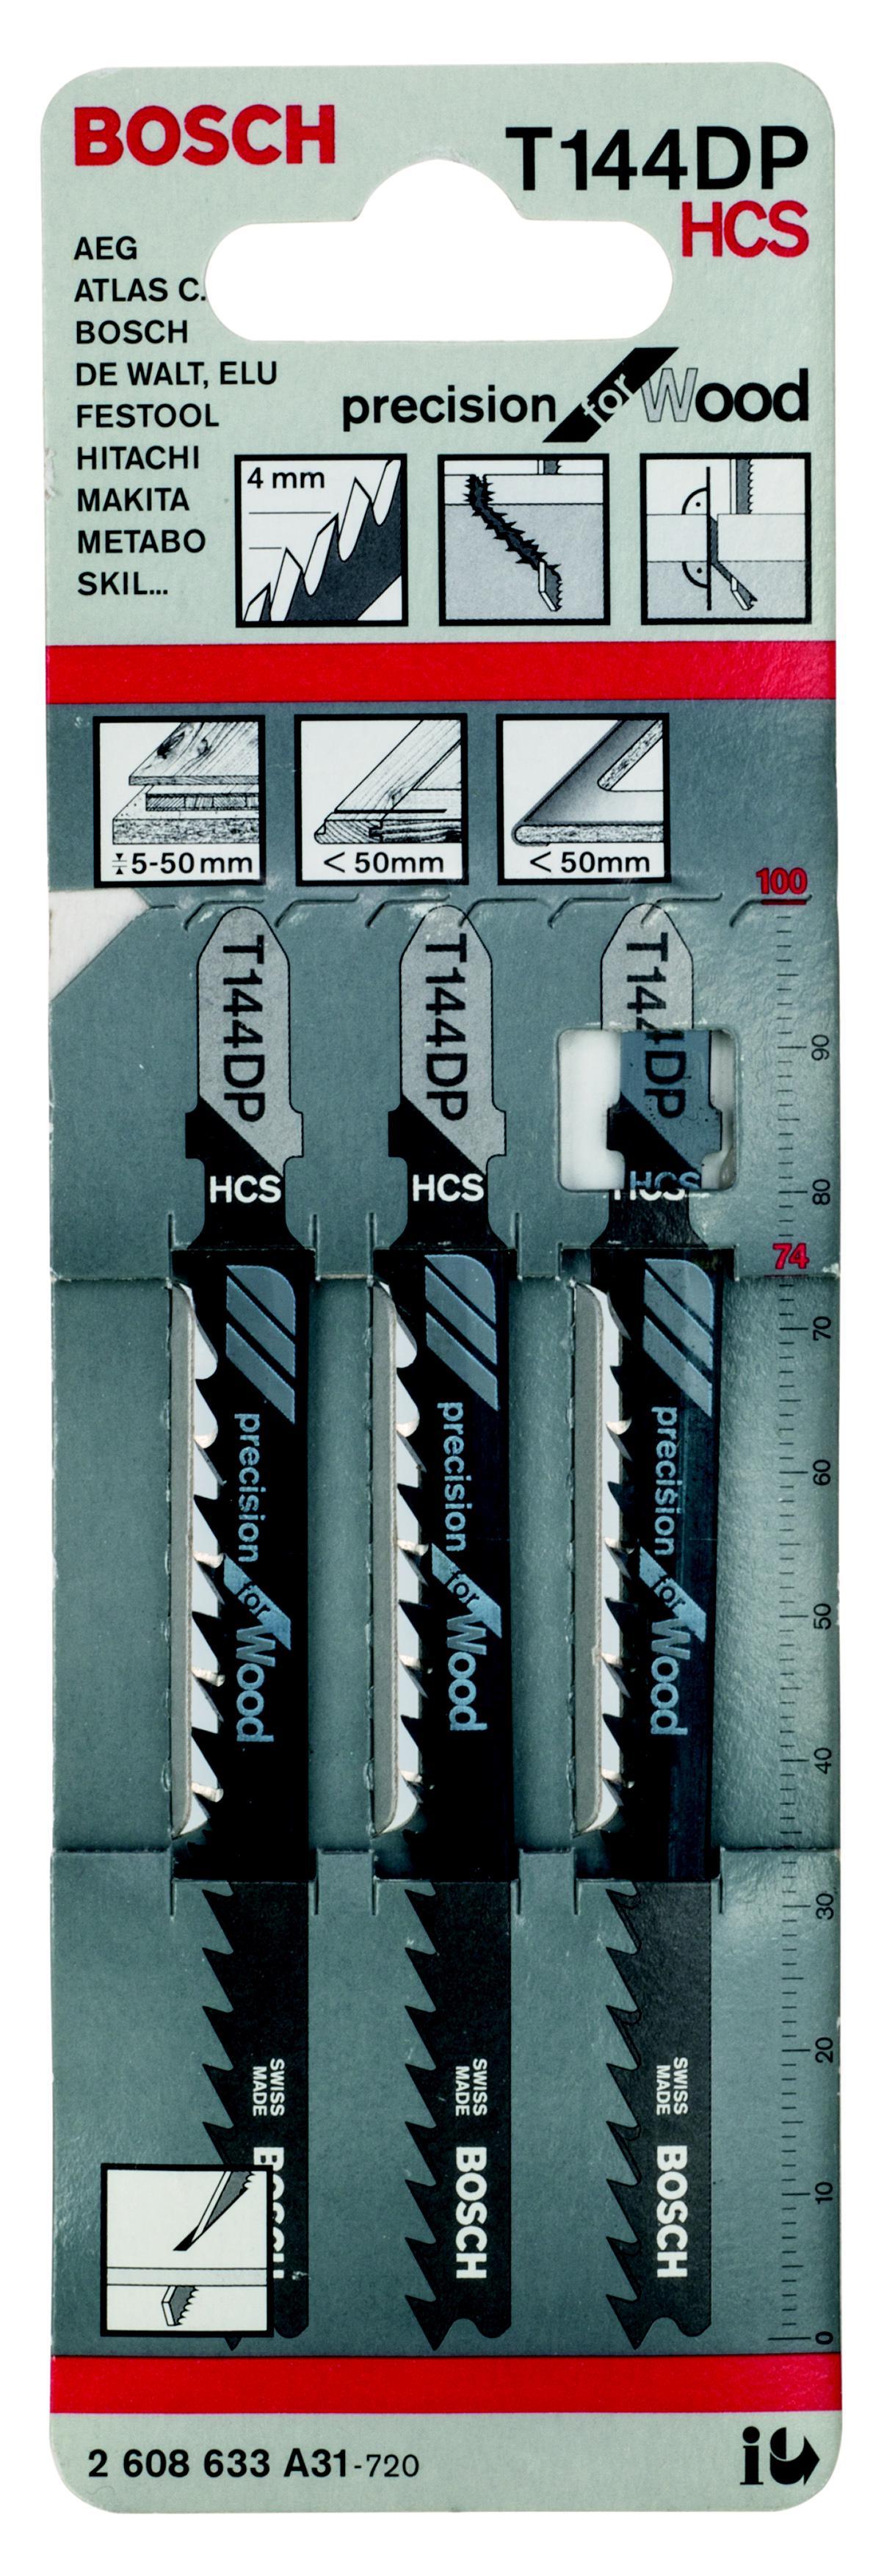 Купить Пилки для лобзика Bosch T144dp (2.608.633.a31), Швейцария